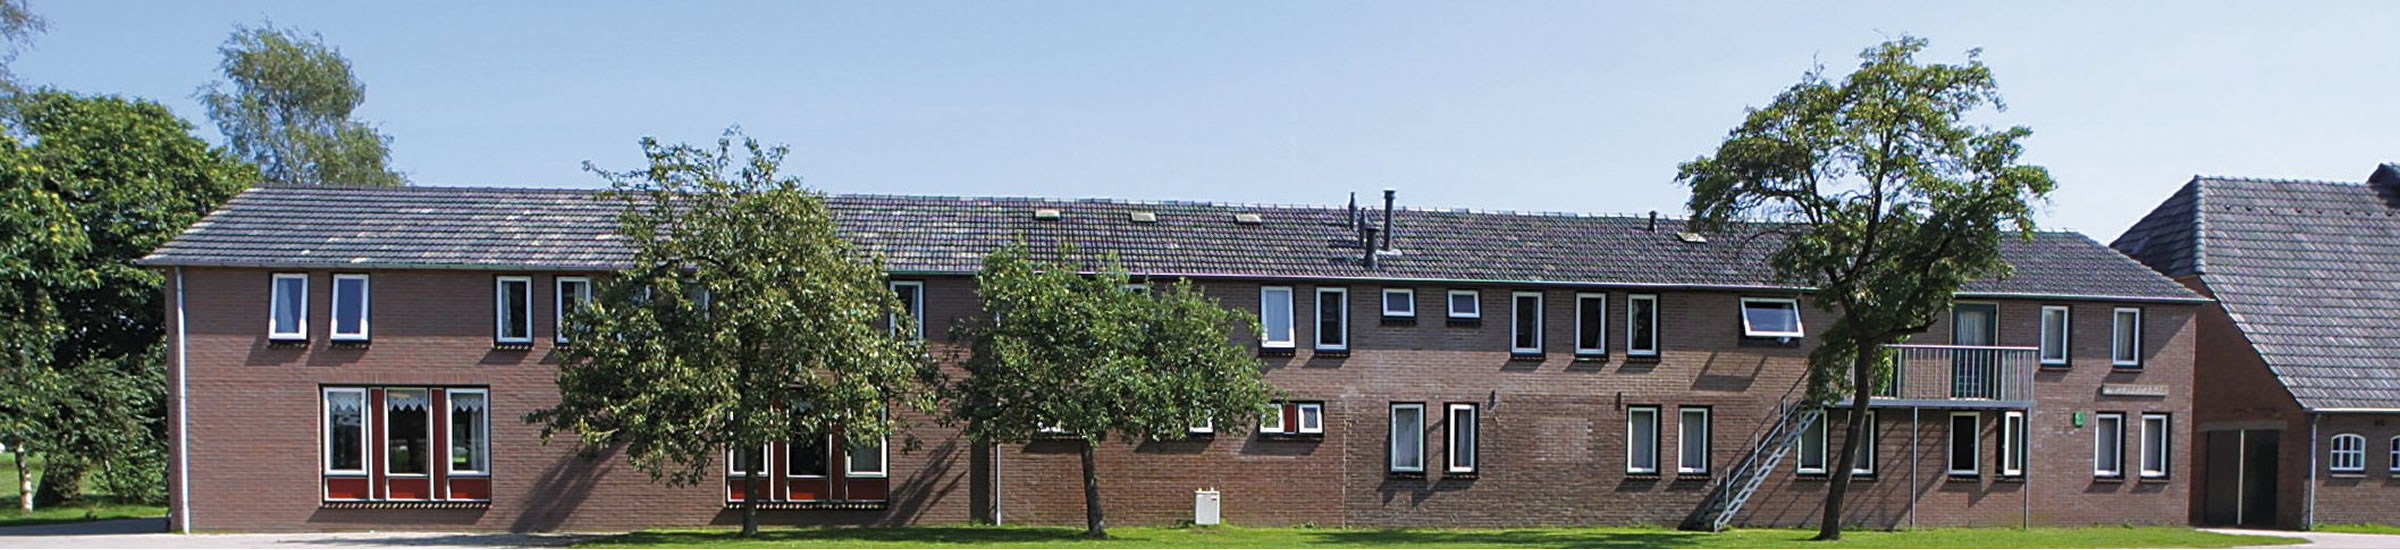 groepsaccommodatie-gelderland-550.jpg